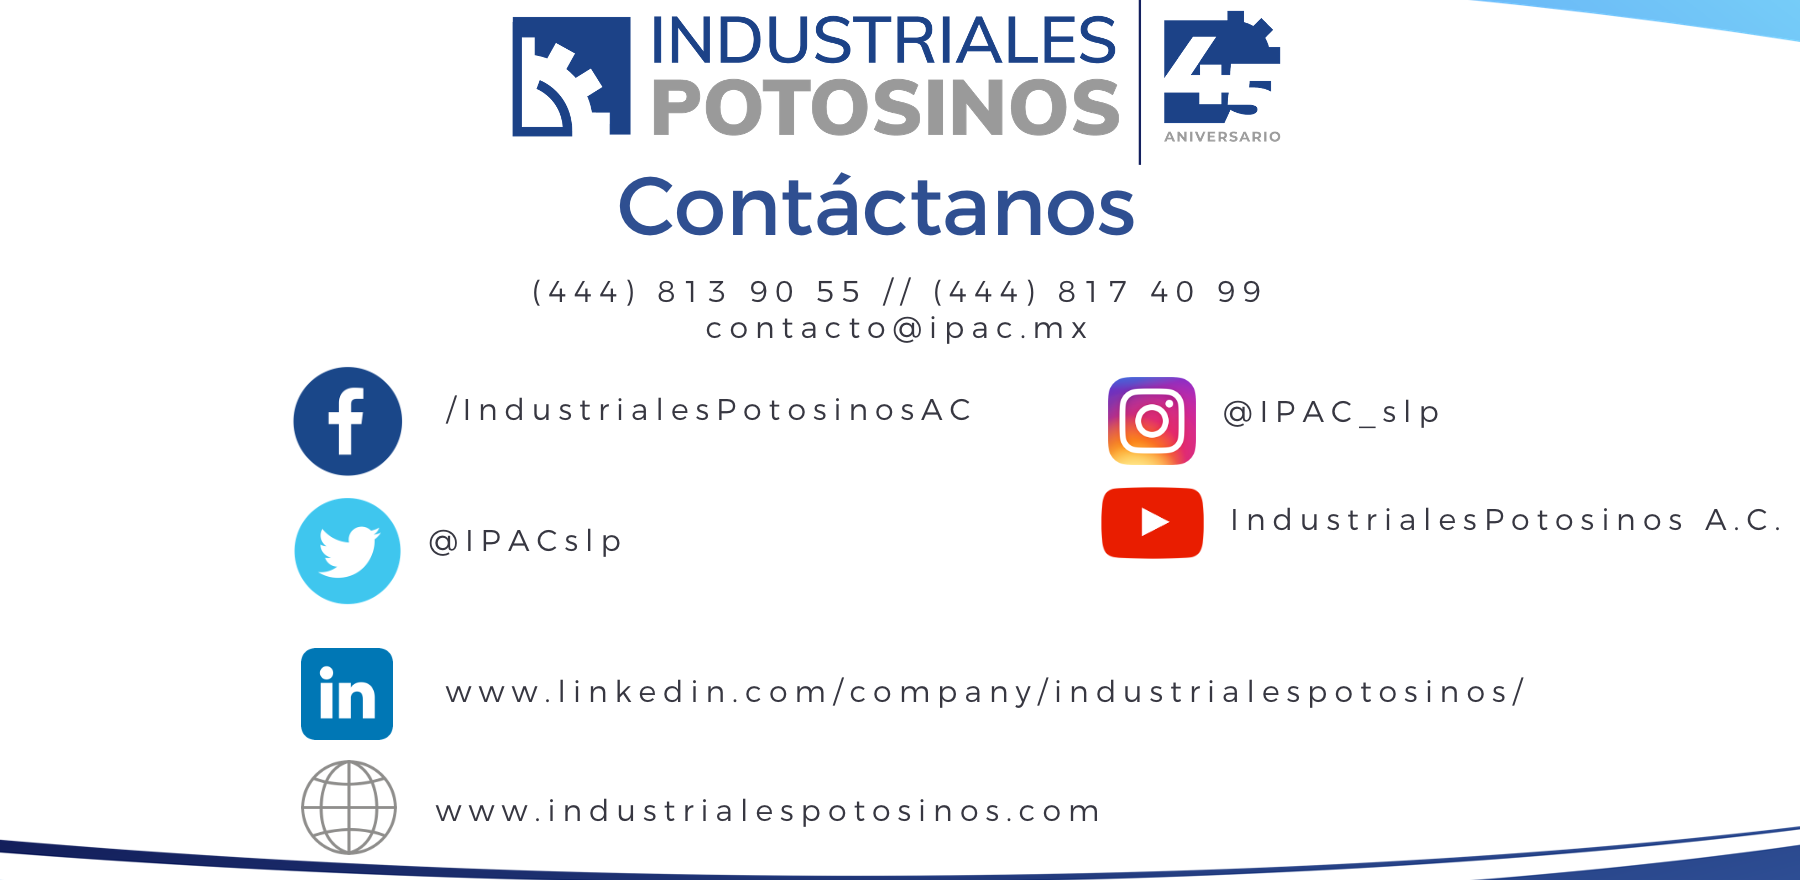 #SomosIndustrialesPotosinos